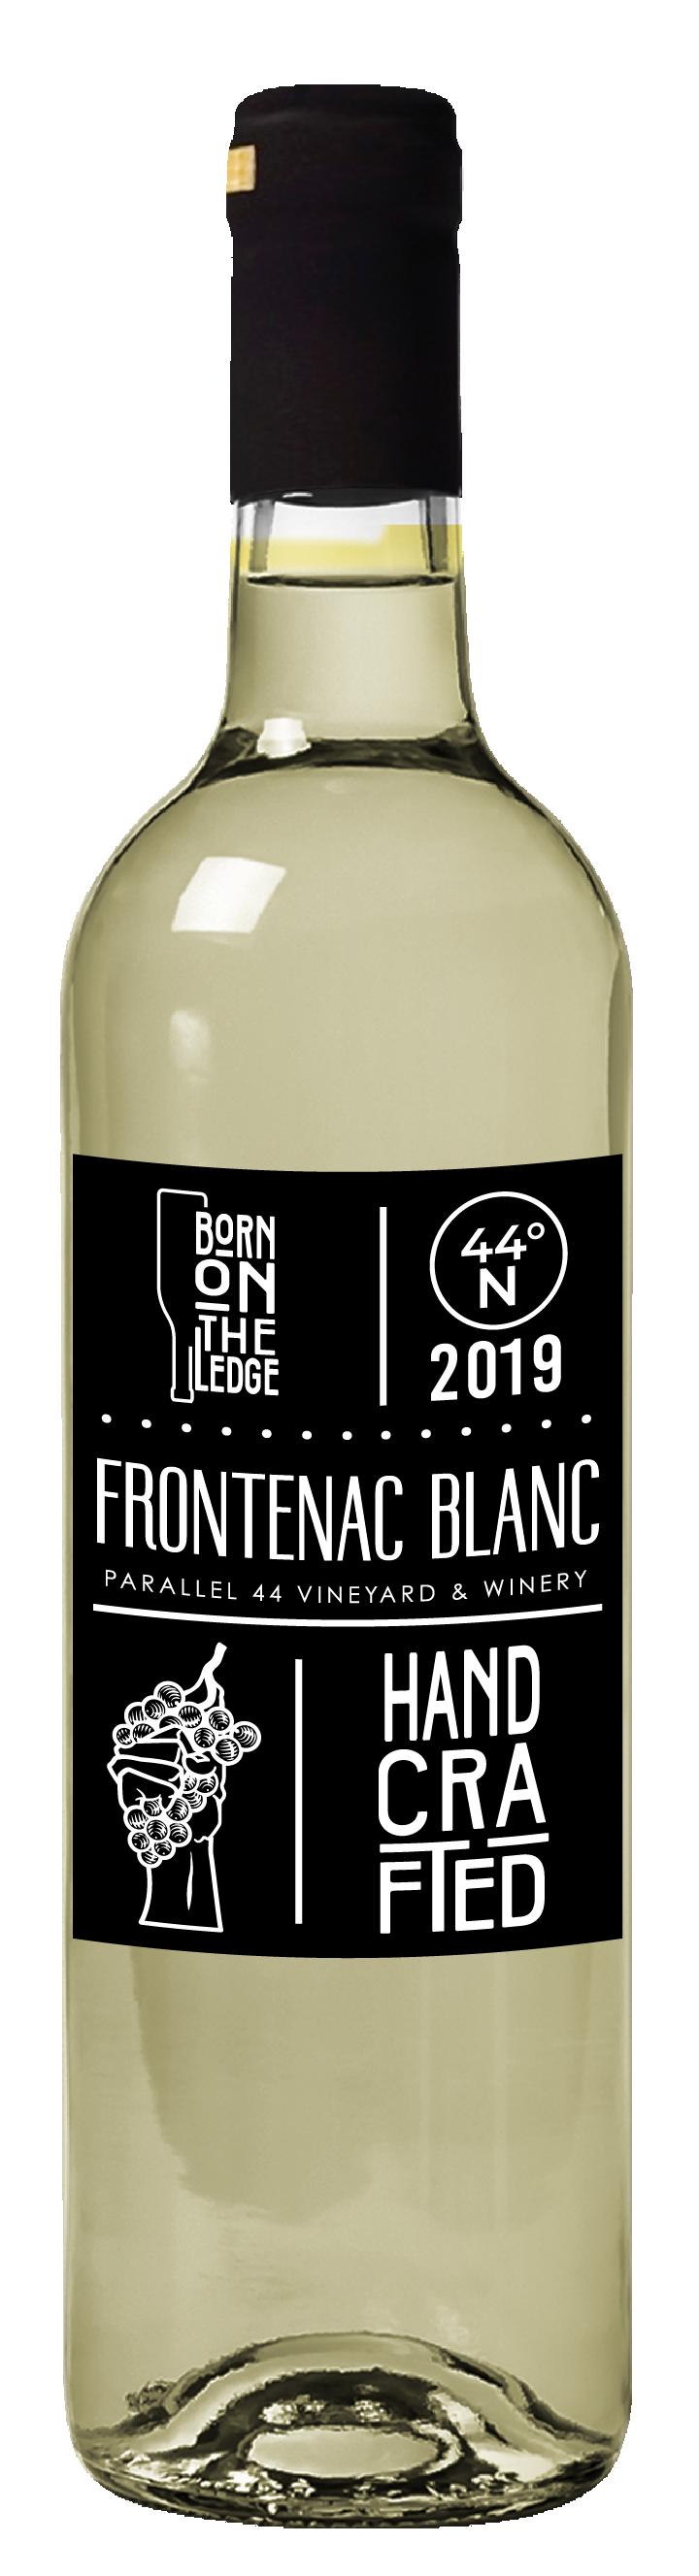 Frontenac Blanc Parallel 44